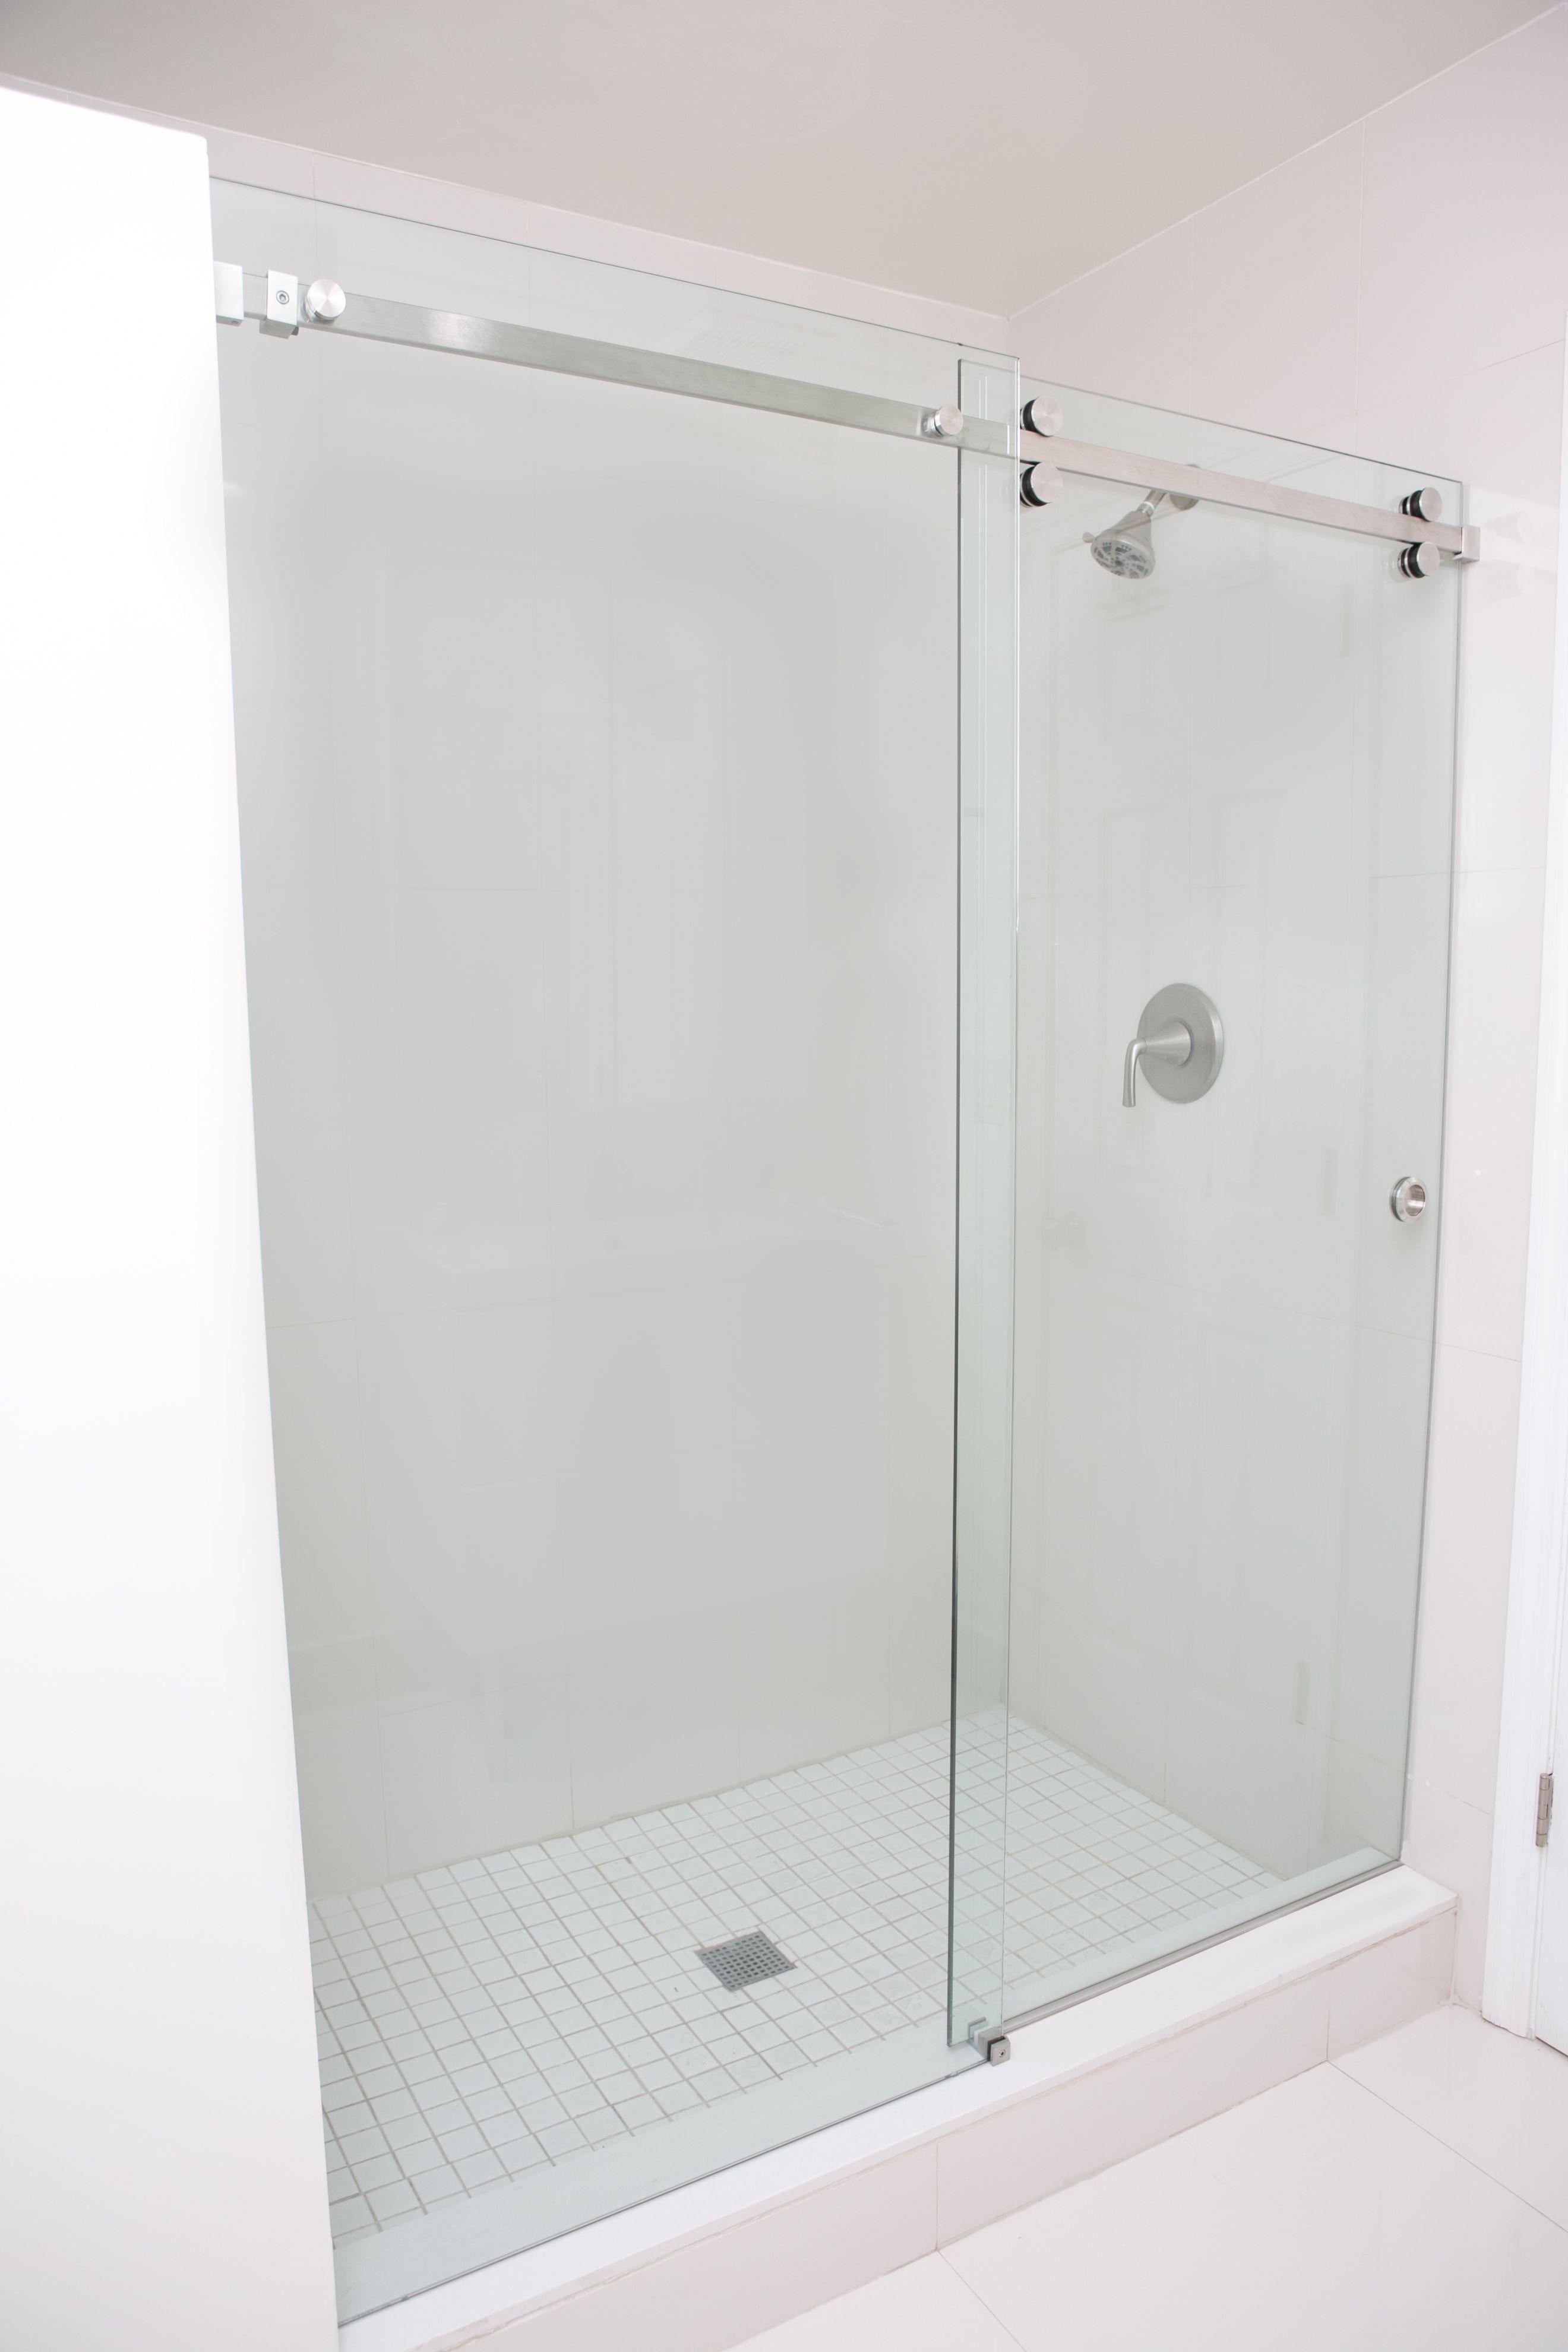 Sebastian Slider By The Original Frameless Shower Doors